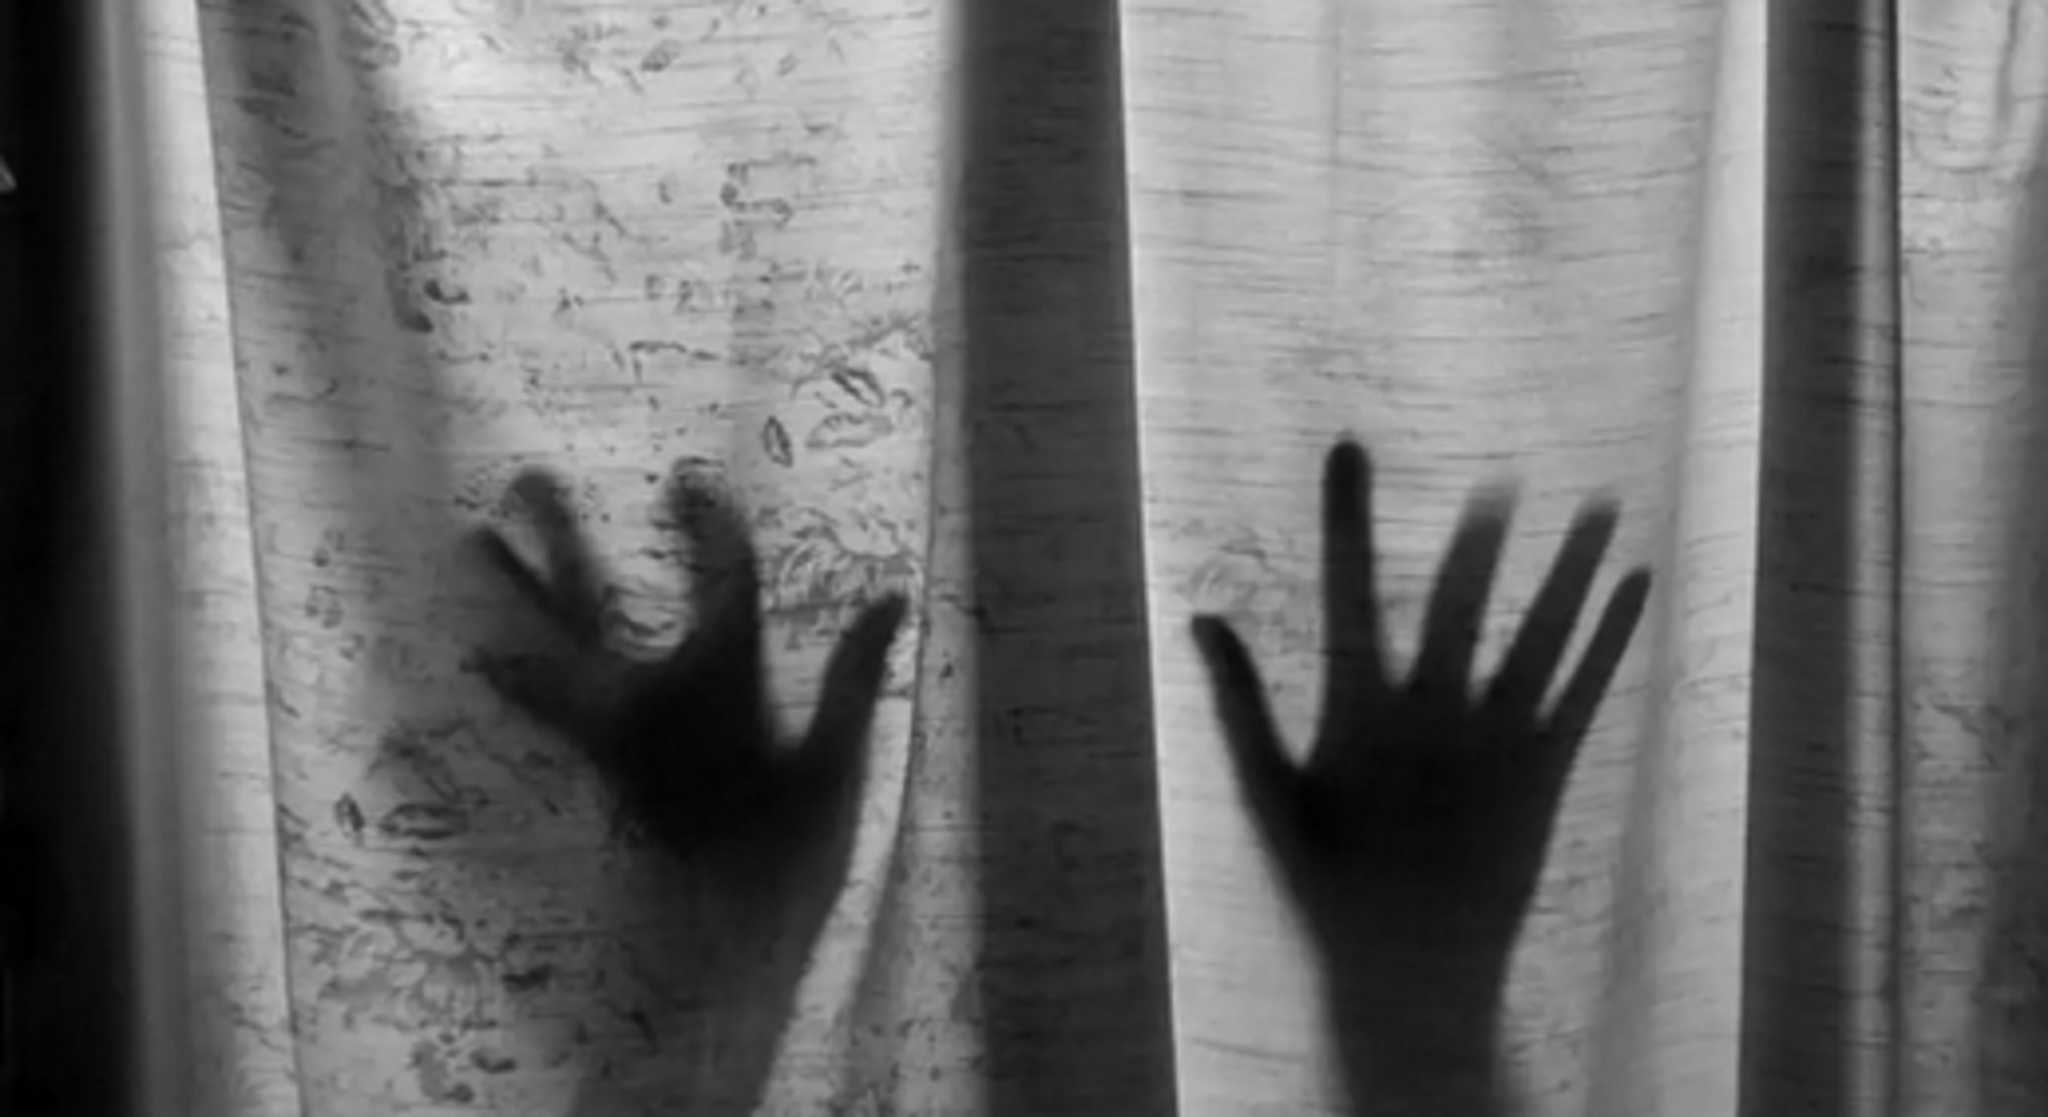 Φρίκη στην Ακτή Ελεφαντοστού: Πατέρας κατηγορείται ότι νάρκωνε & βίαζε τα πέντε ανήλικα παιδιά του